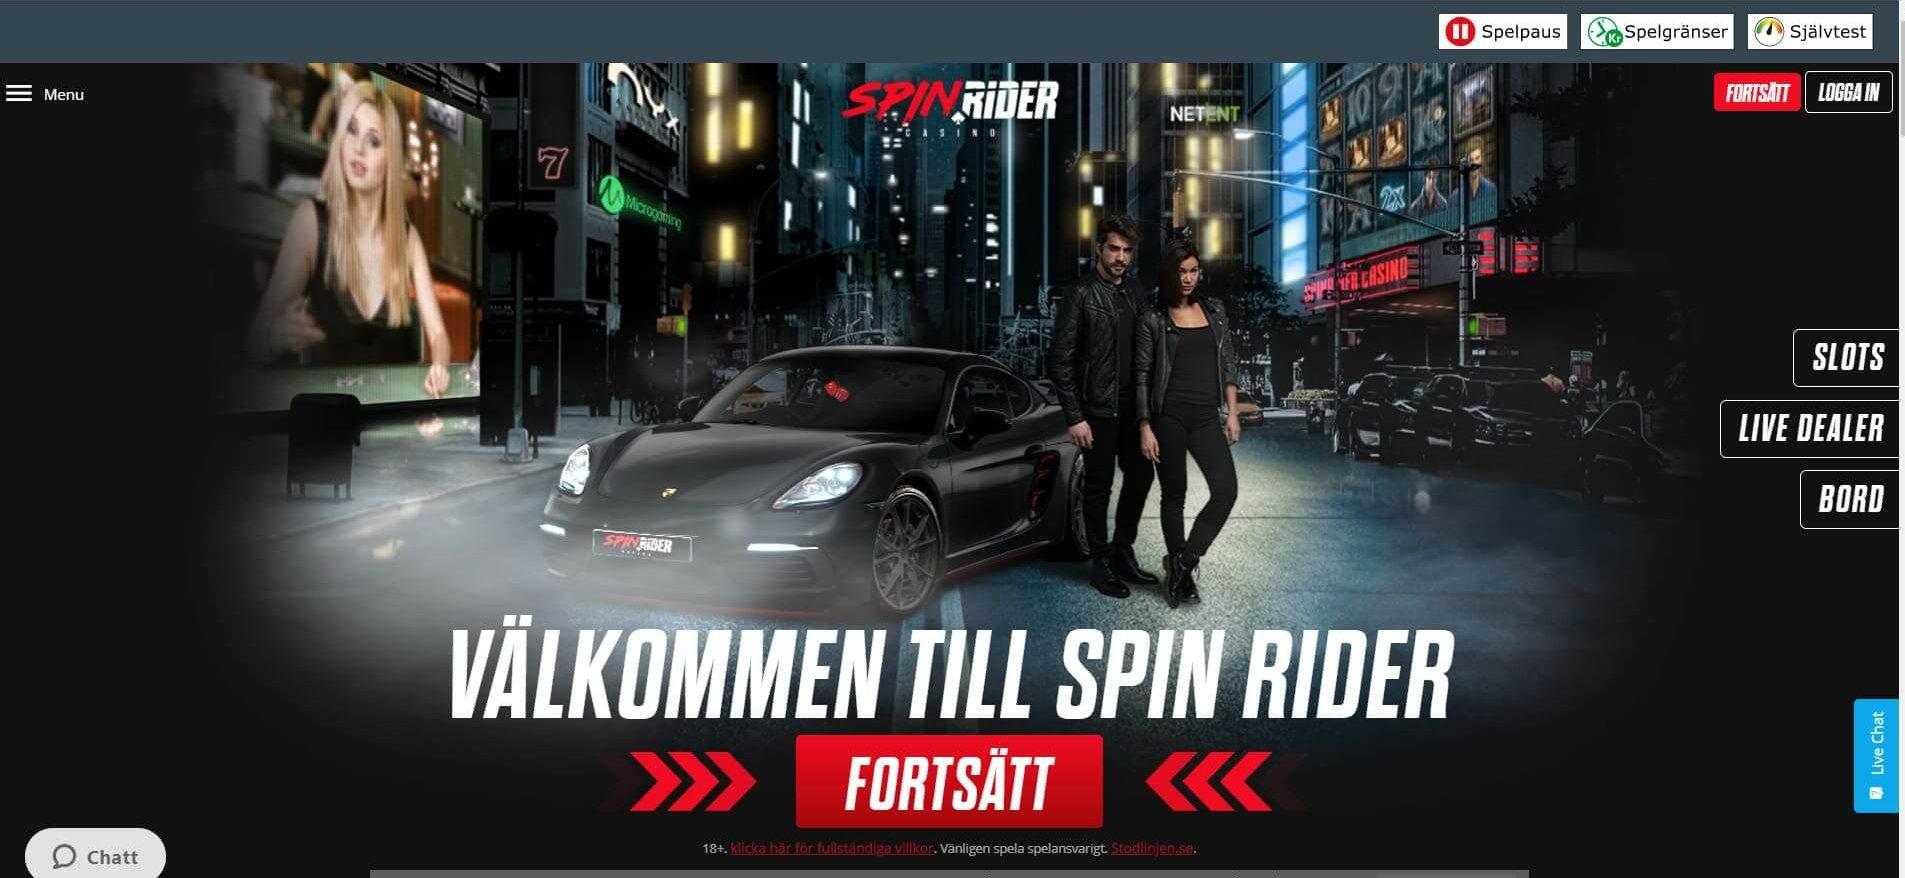 Spin Rider - Ett av de tuffaste spelsajterna